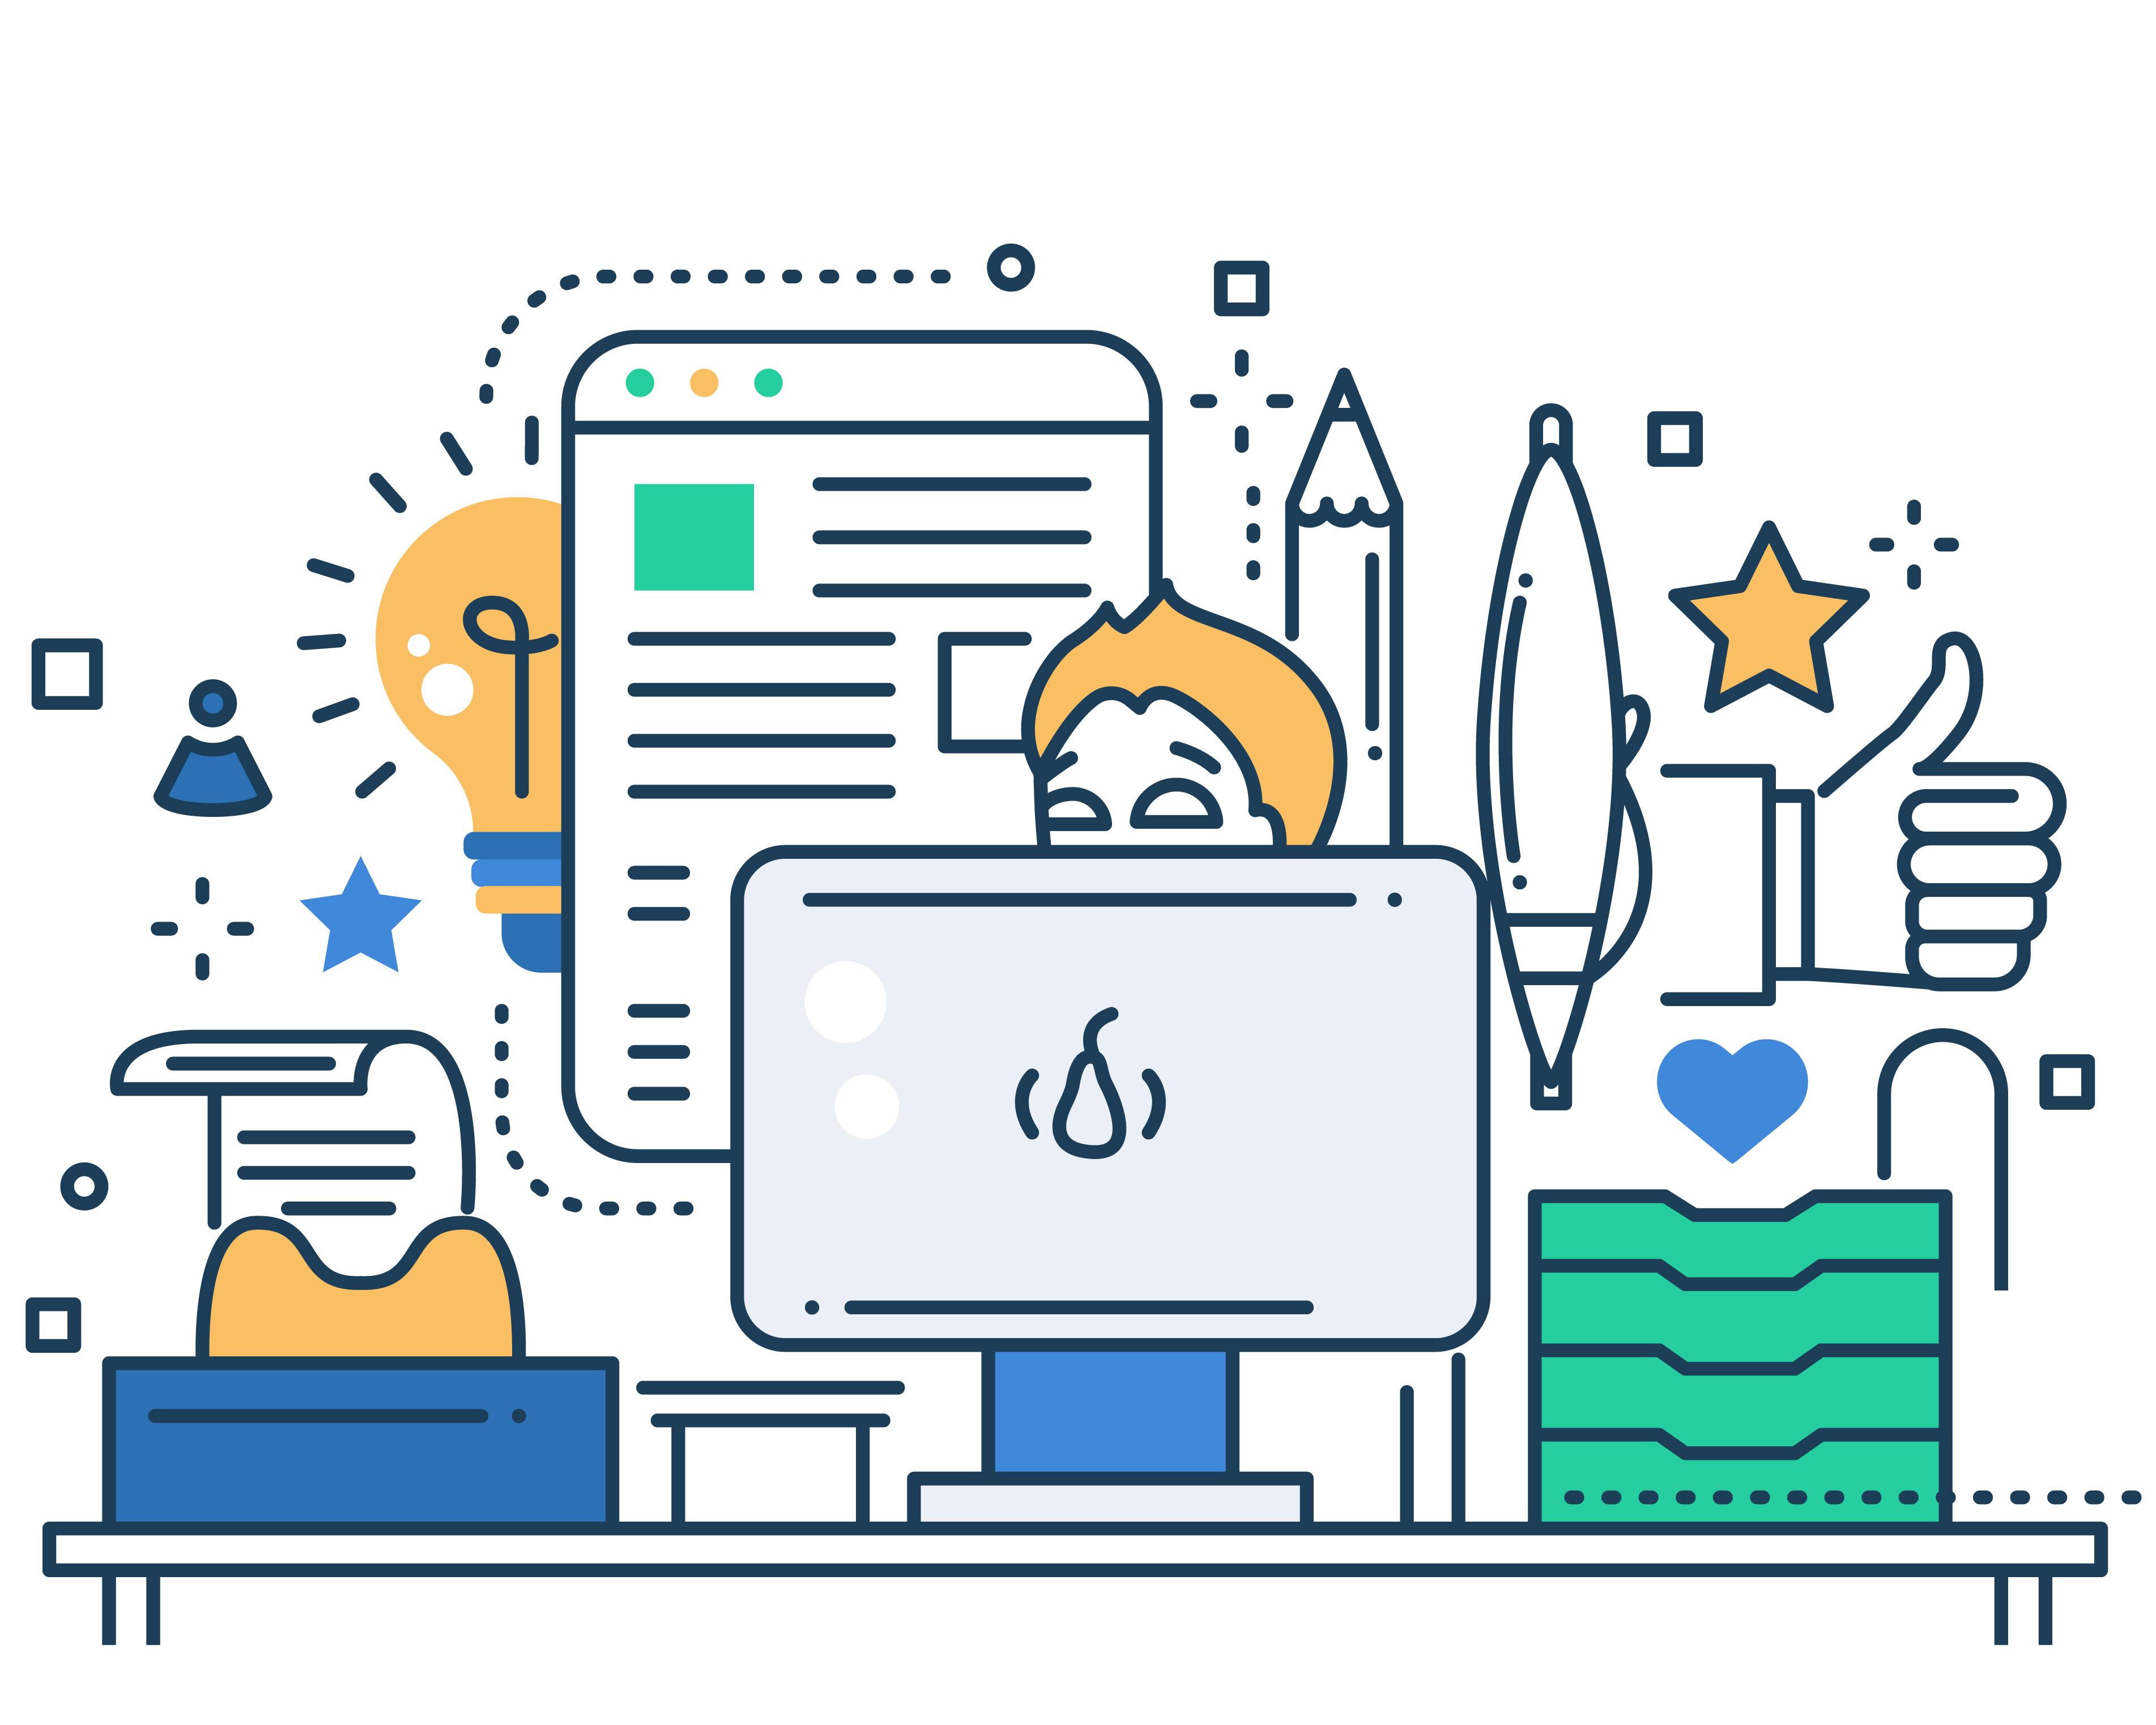 10 Best Social Media Analytics Tools in 2018